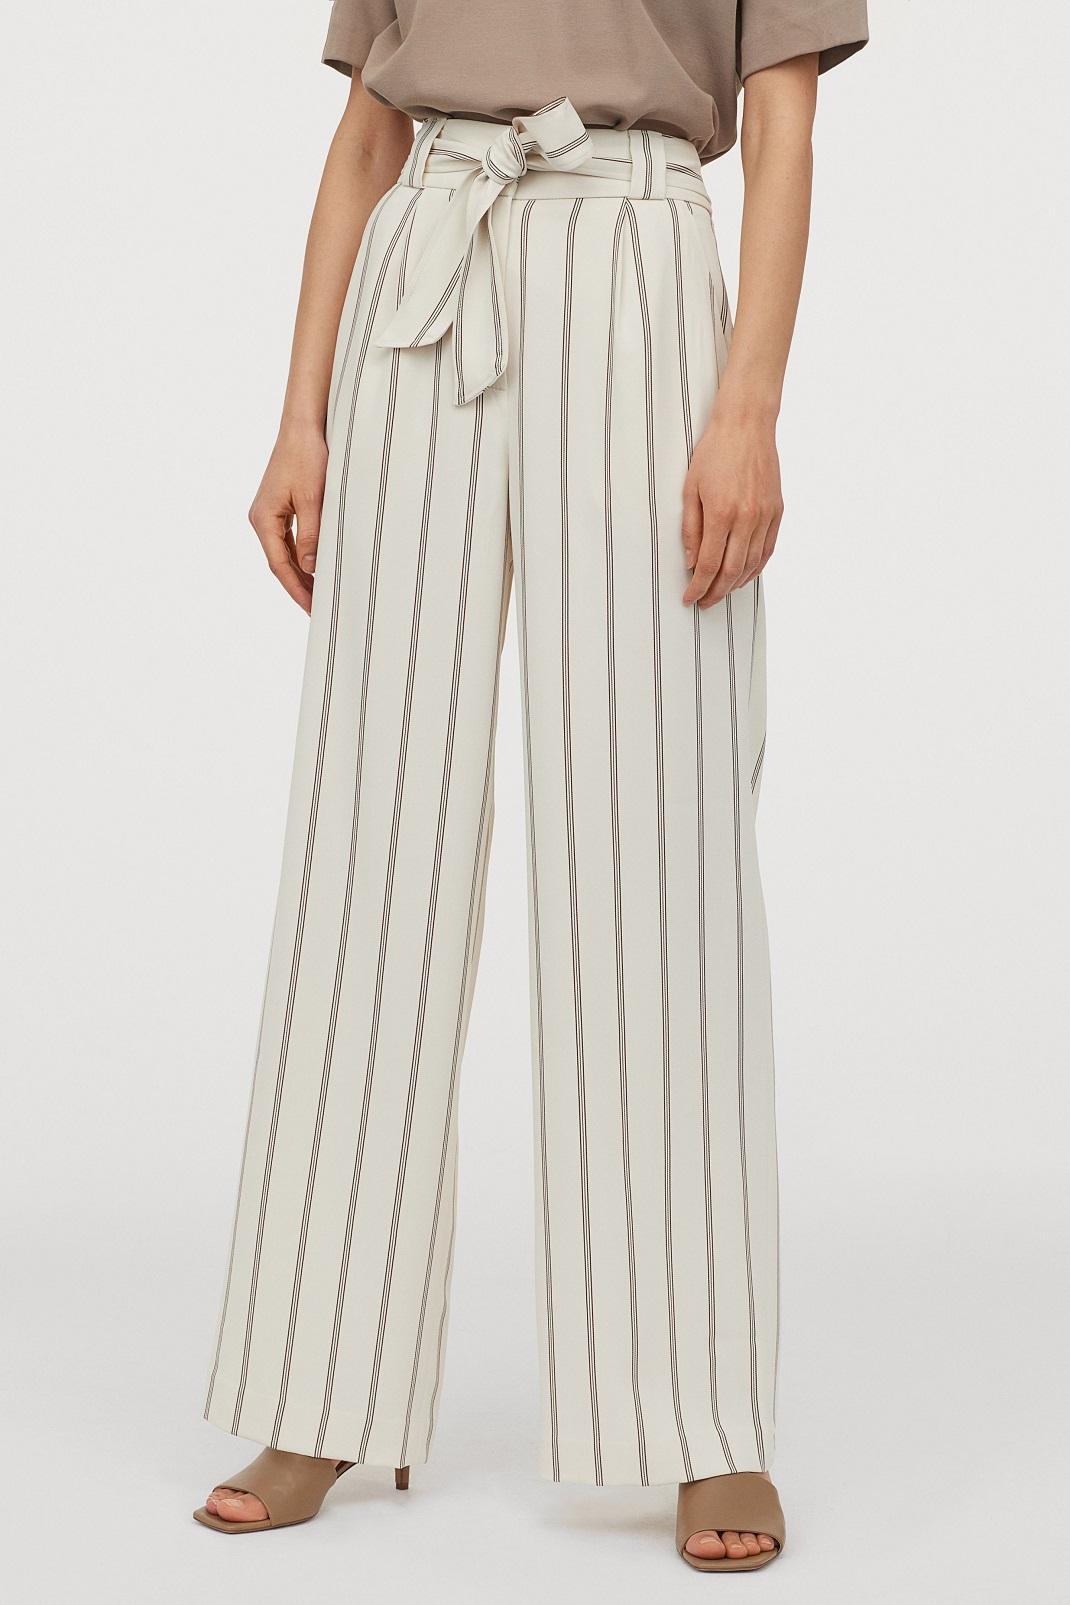 μοντέλο φορά ριγέ παντελόνι από τα H&M